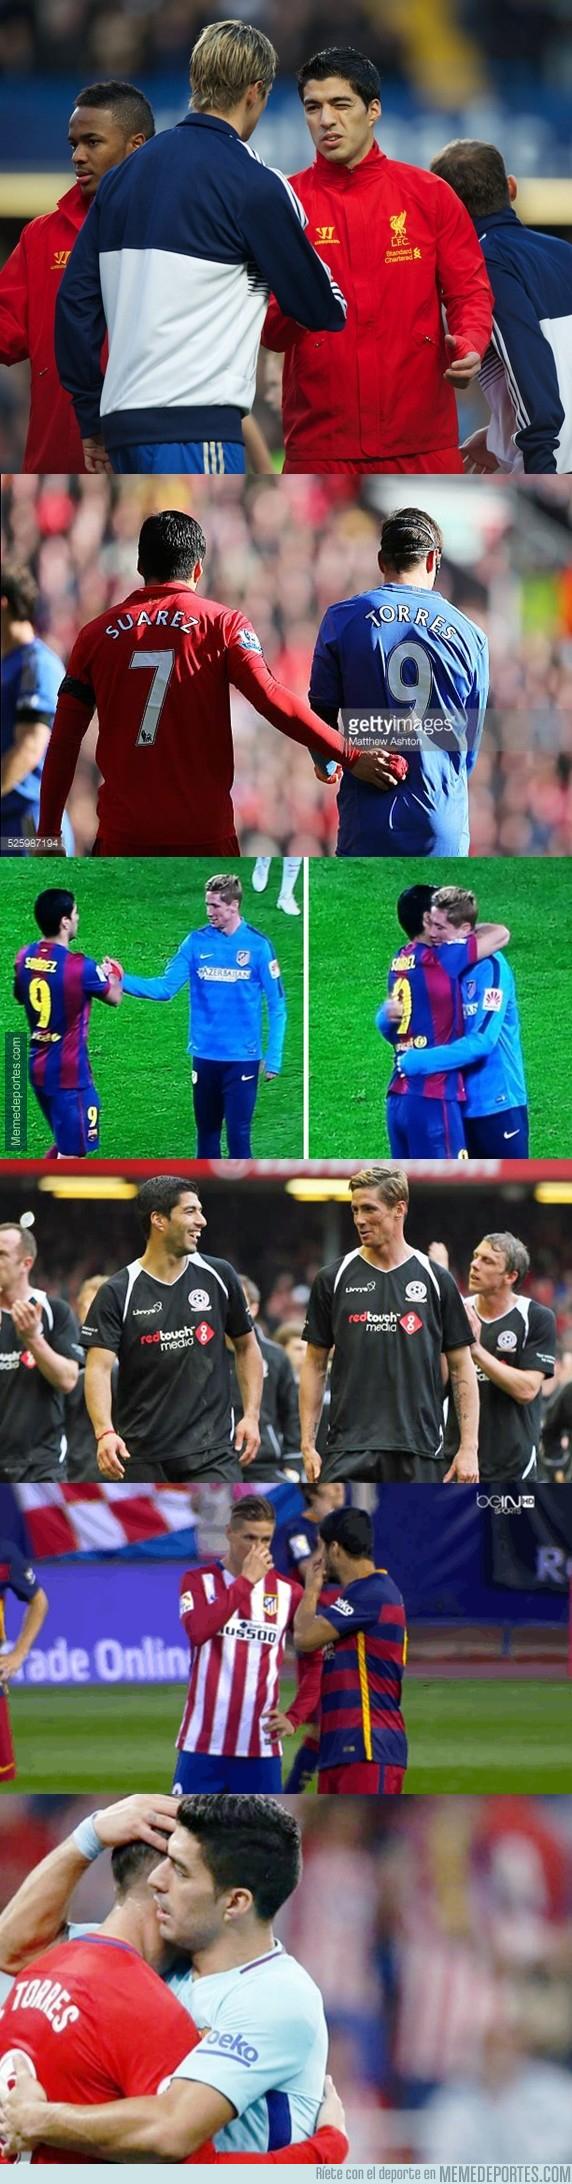 1003954 - Una de las buenas amistades que ha dejado el fútbol